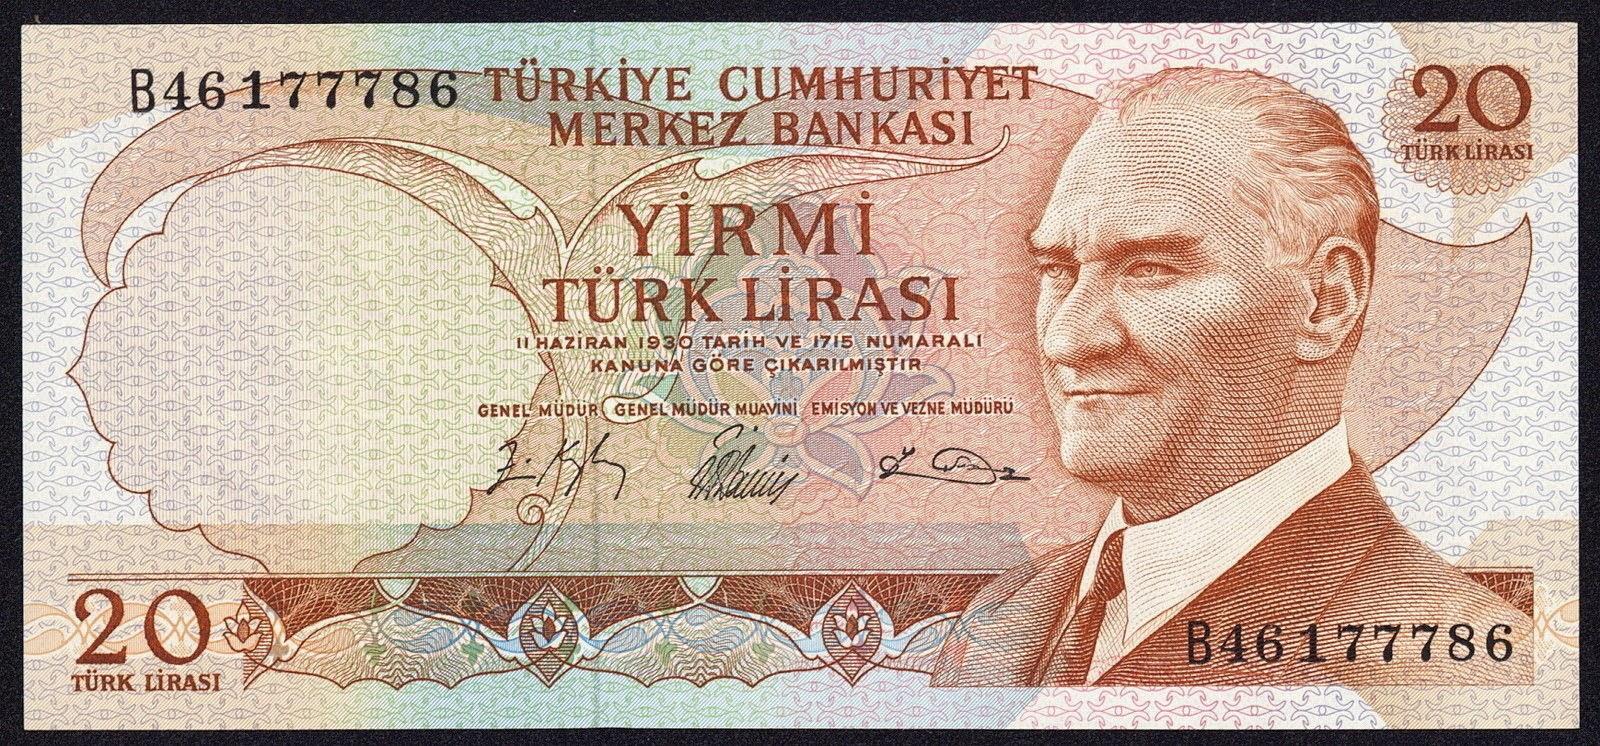 """Turkey Banknotes 20 Türk Lirasi """"Turkish Lira"""" note 1966 Mustafa Kemal Atatürk"""